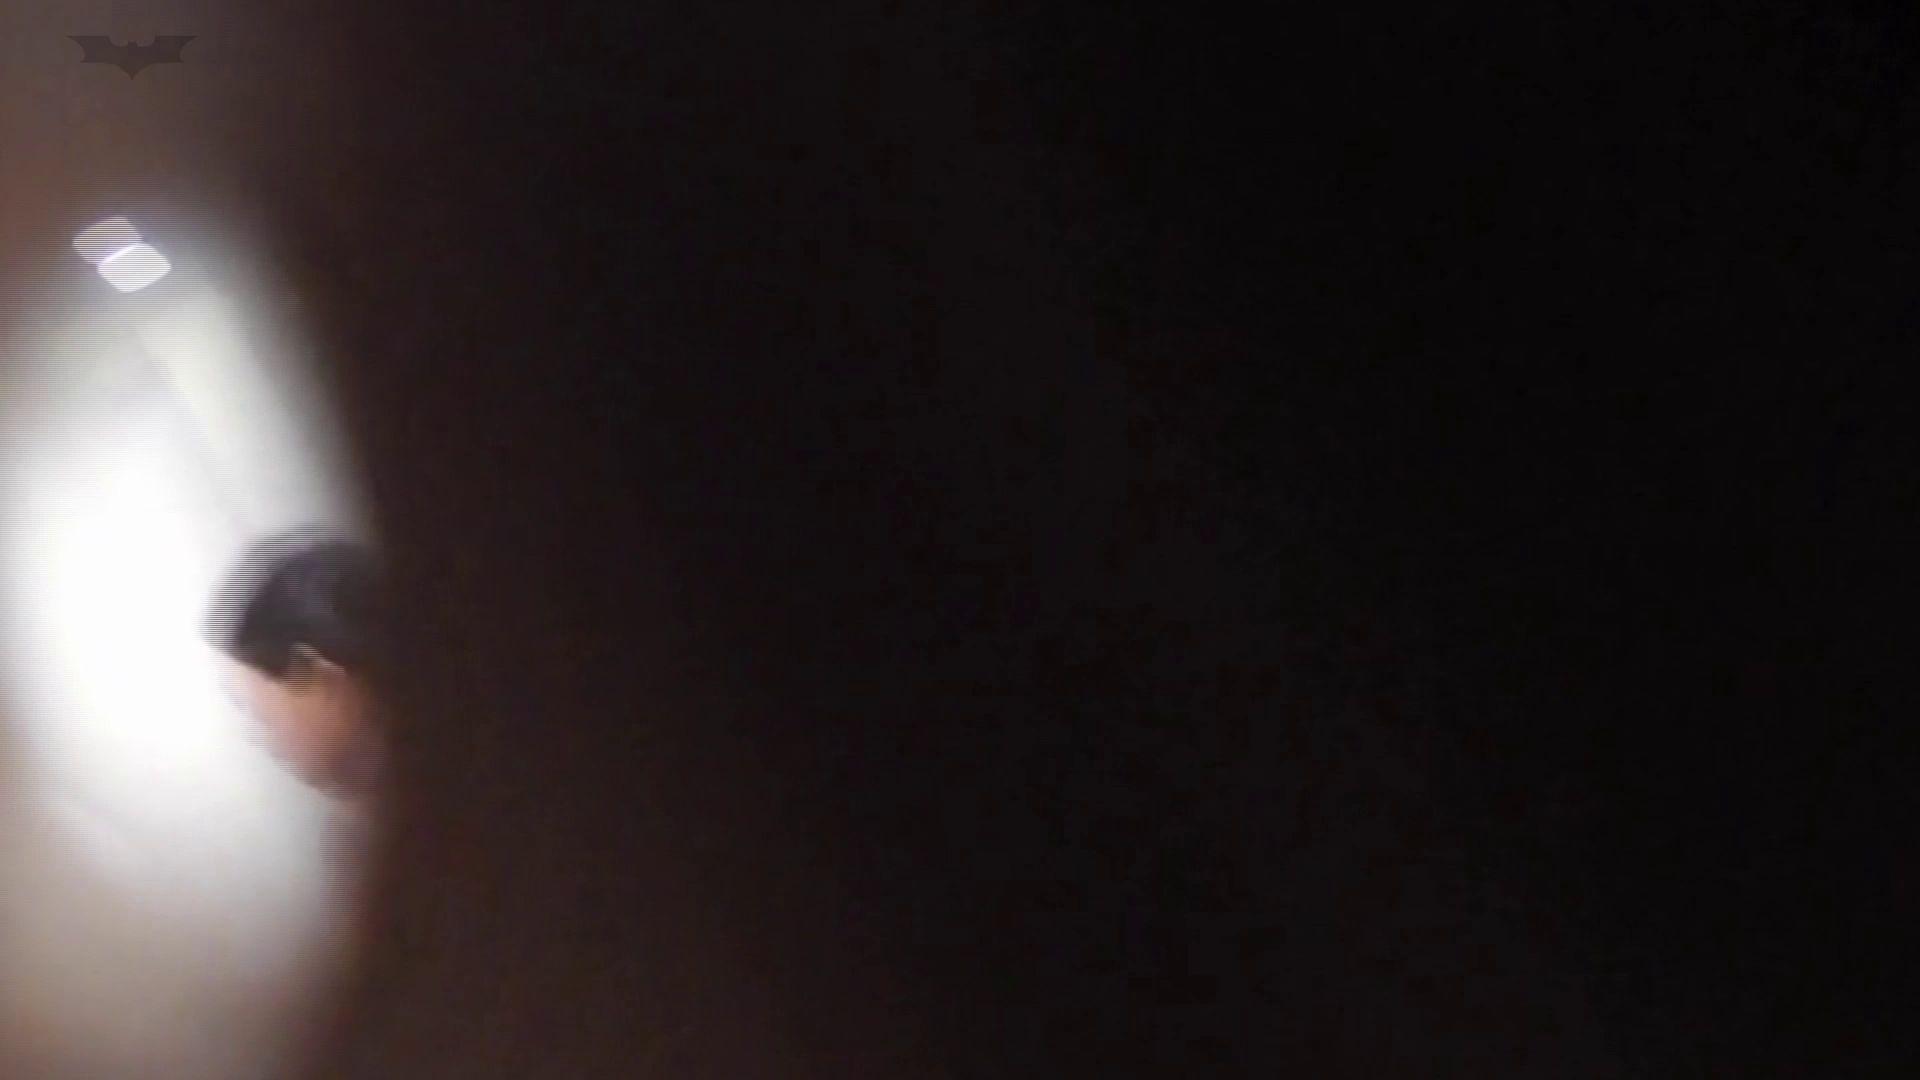 和式洋式七変化 Vol.31 洋式だけど丸見えですっ!! 丸見えマンコ | 高画質  96画像 36